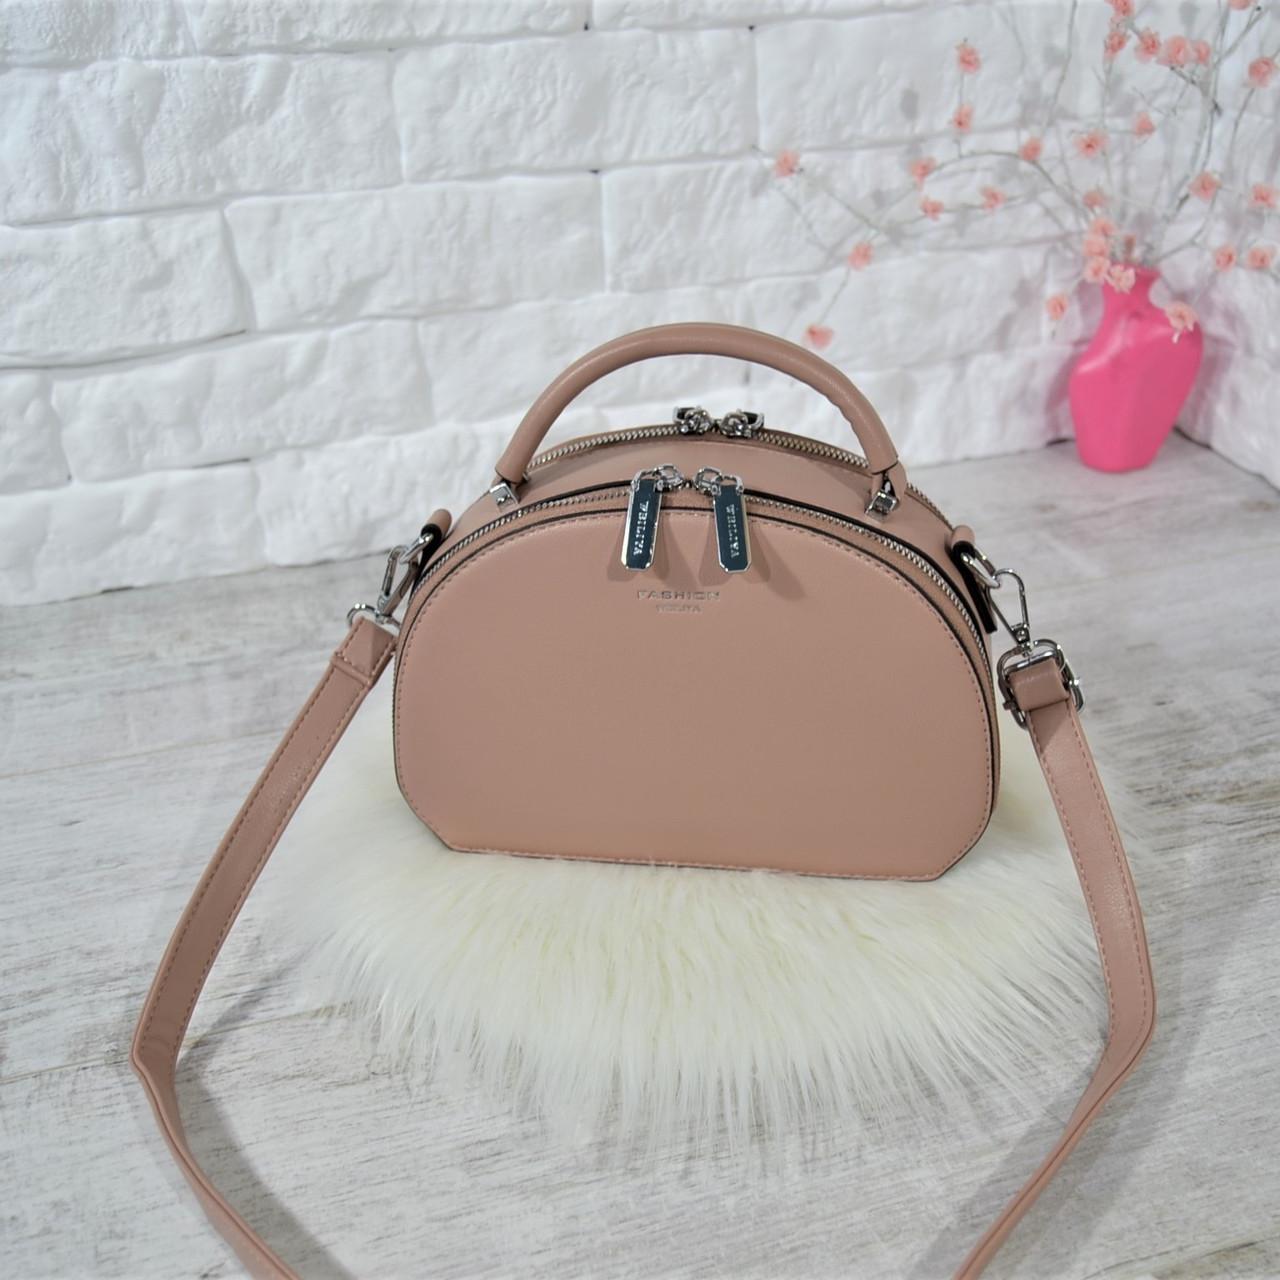 Сумка Fashion Weiliya Star на две молнии персиковая женская Женская сумка Сумка для девушки Модная женская сум